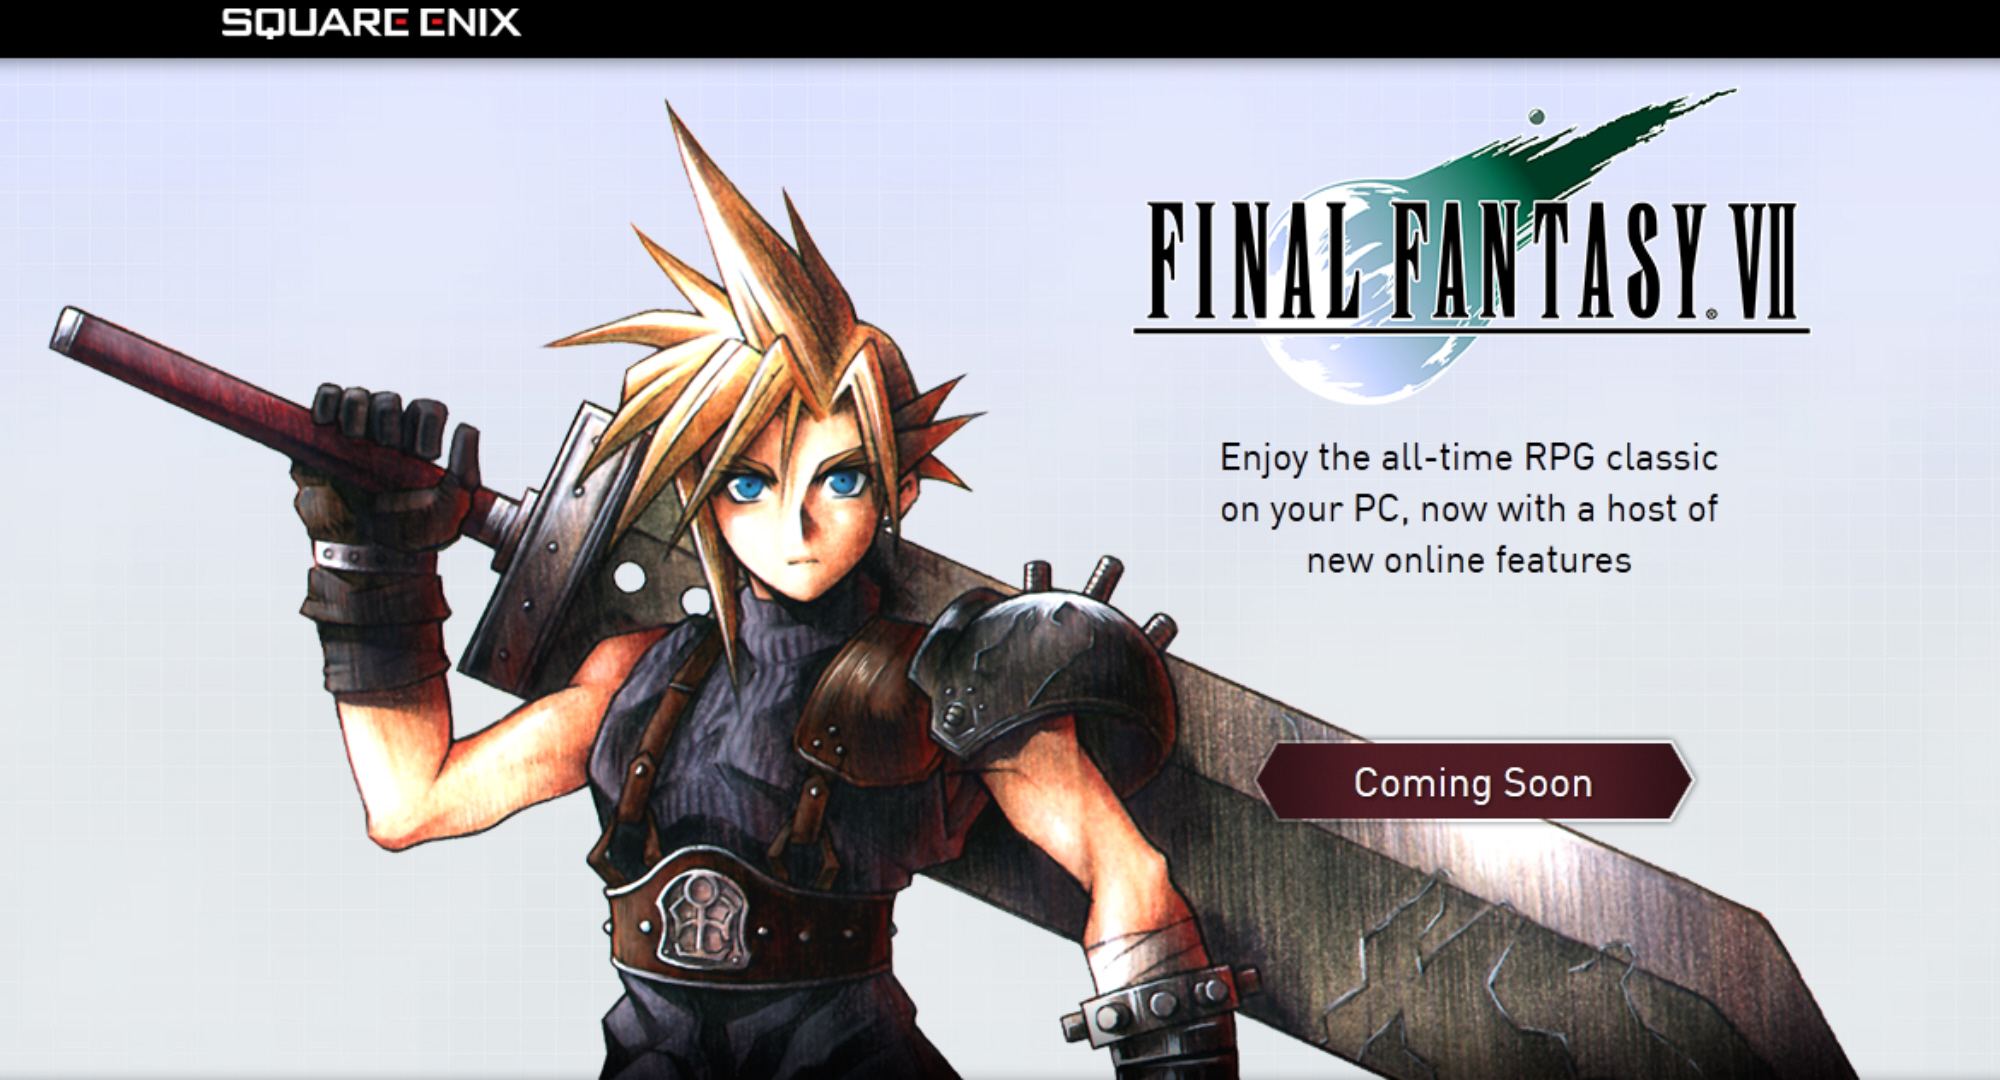 Buy Final Fantasy VII